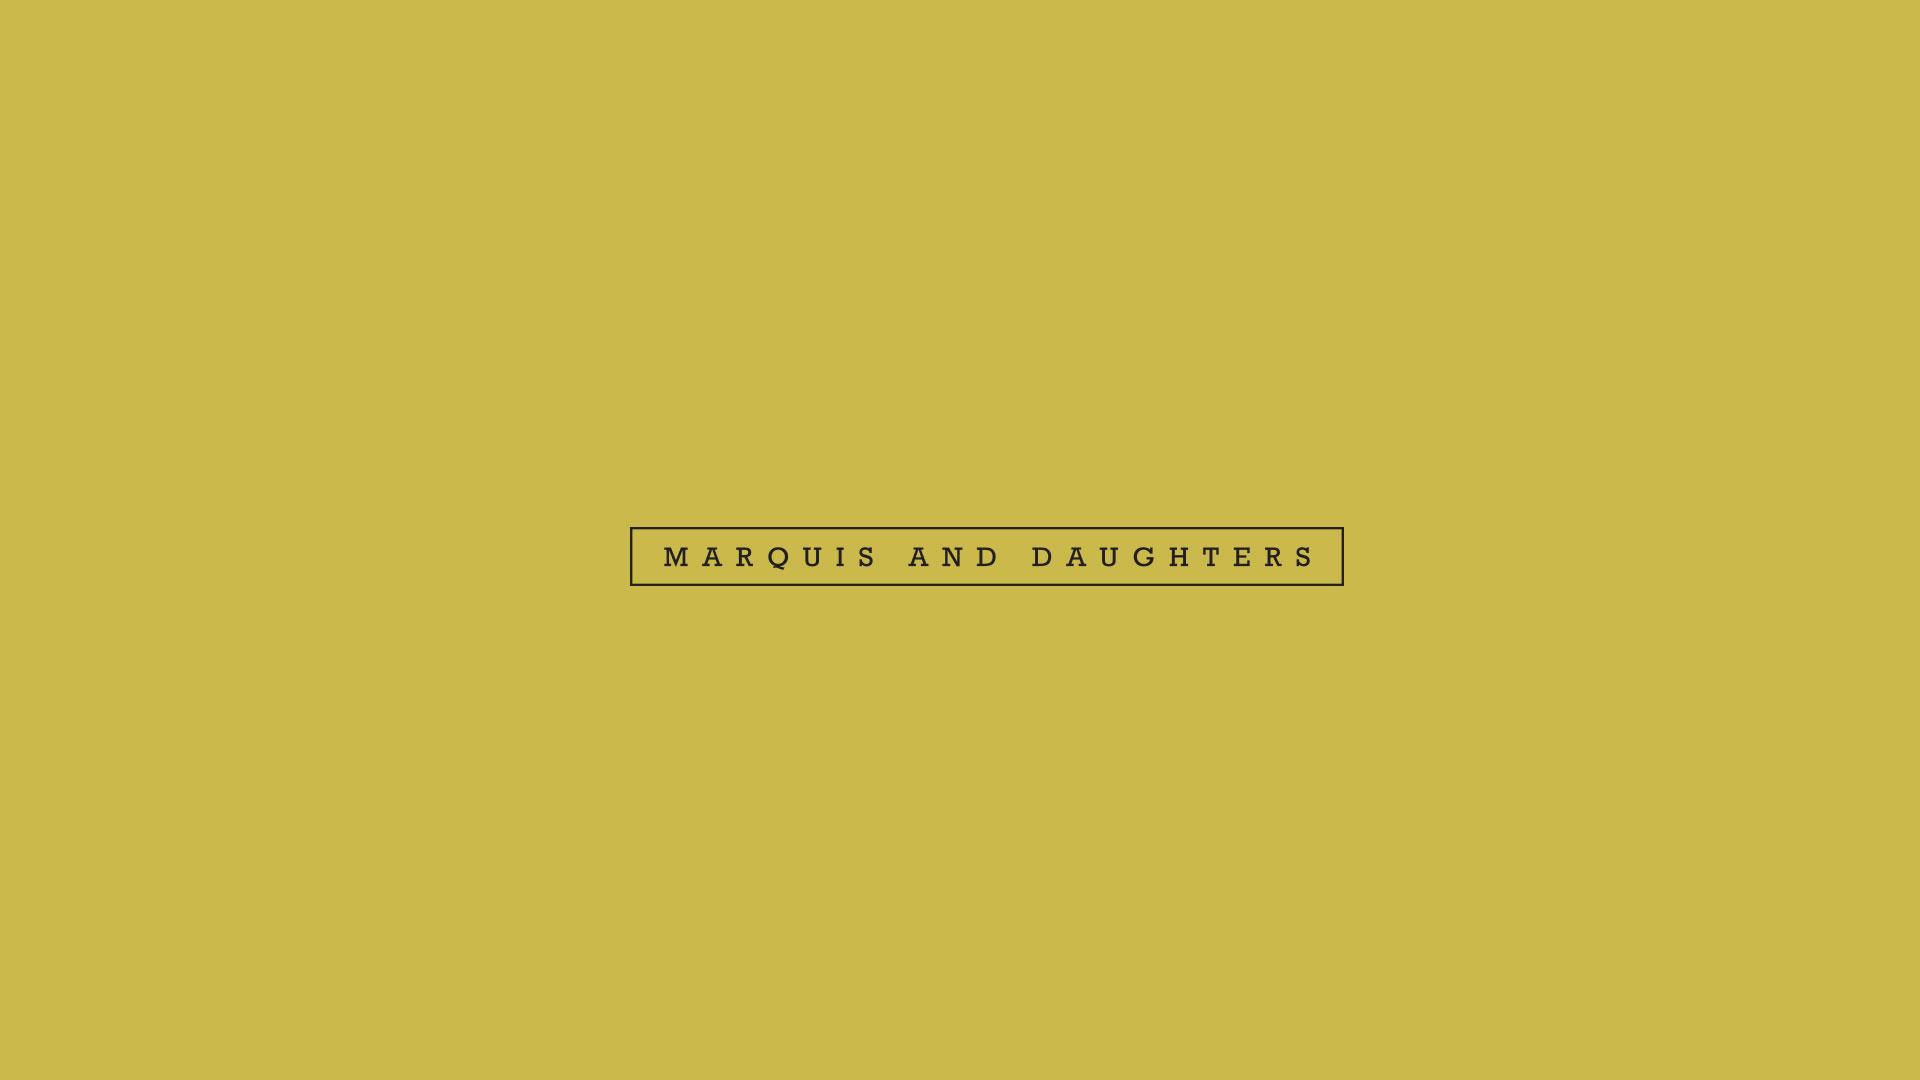 1marquisanddaughters3.jpg